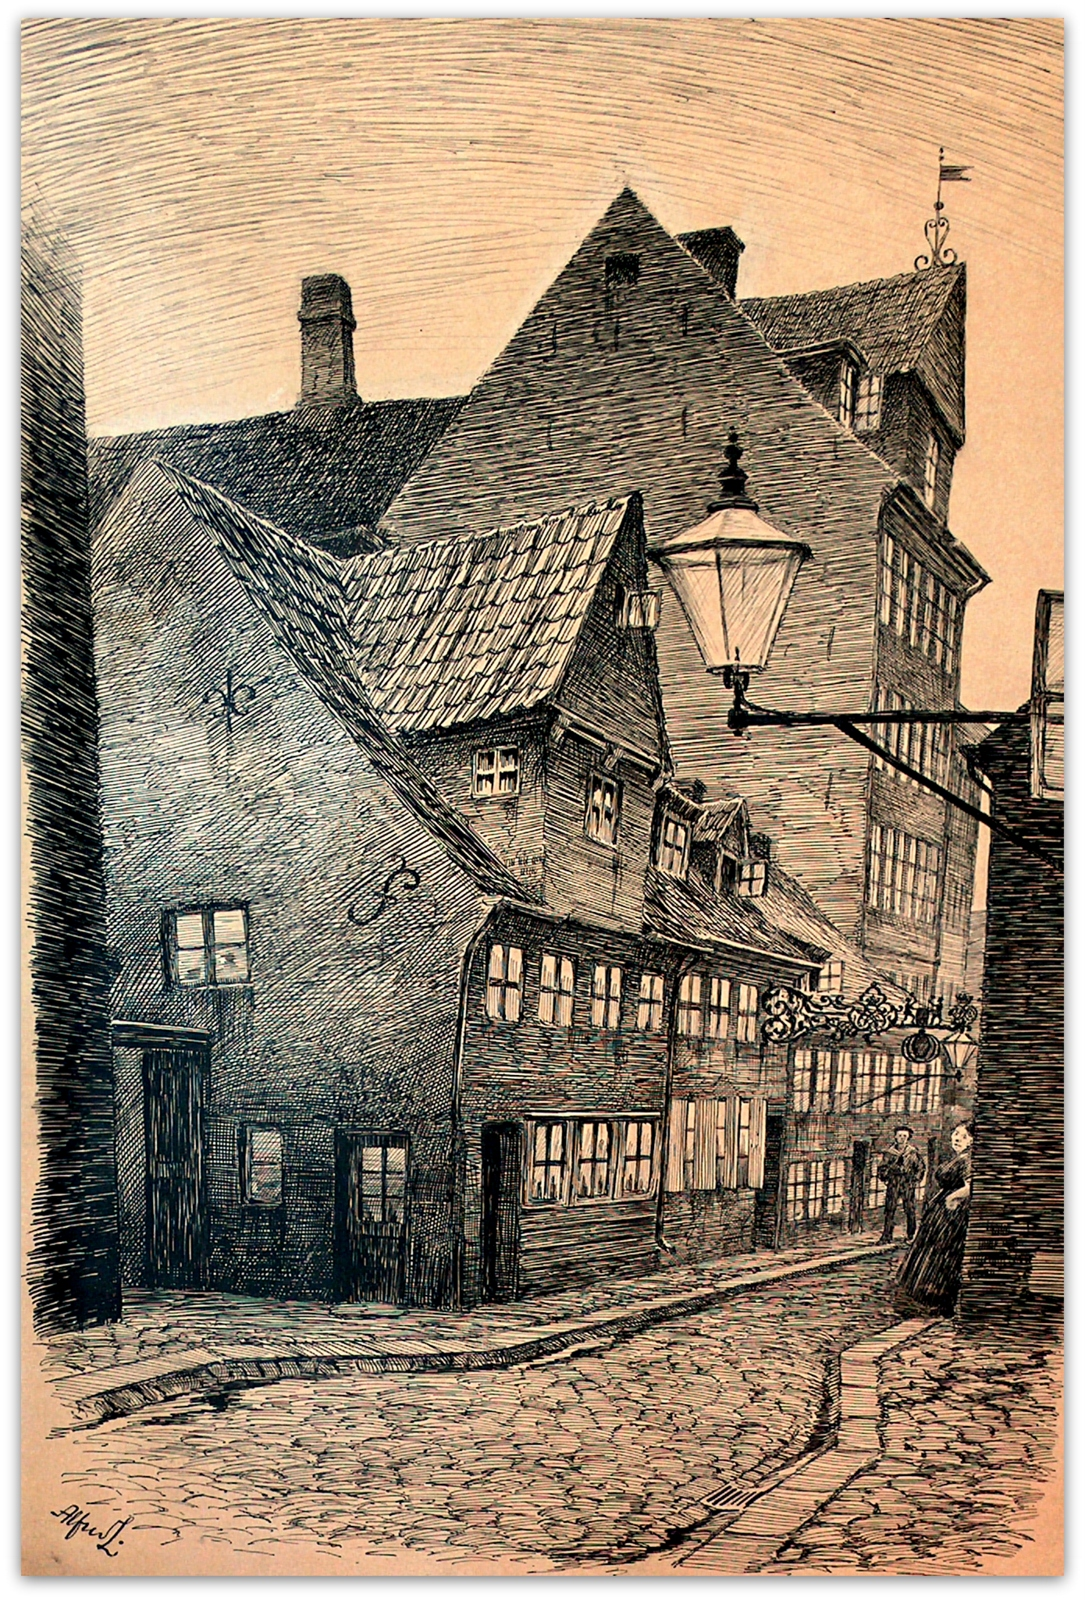 Skitsen af Holmensgade 8 er sandsynligvis udført af Alfred Larsen, som også har lavet et maleri fra stedet. Set på Københavns Bymuseum. Foto Lars Bjørnsten Odense 2005